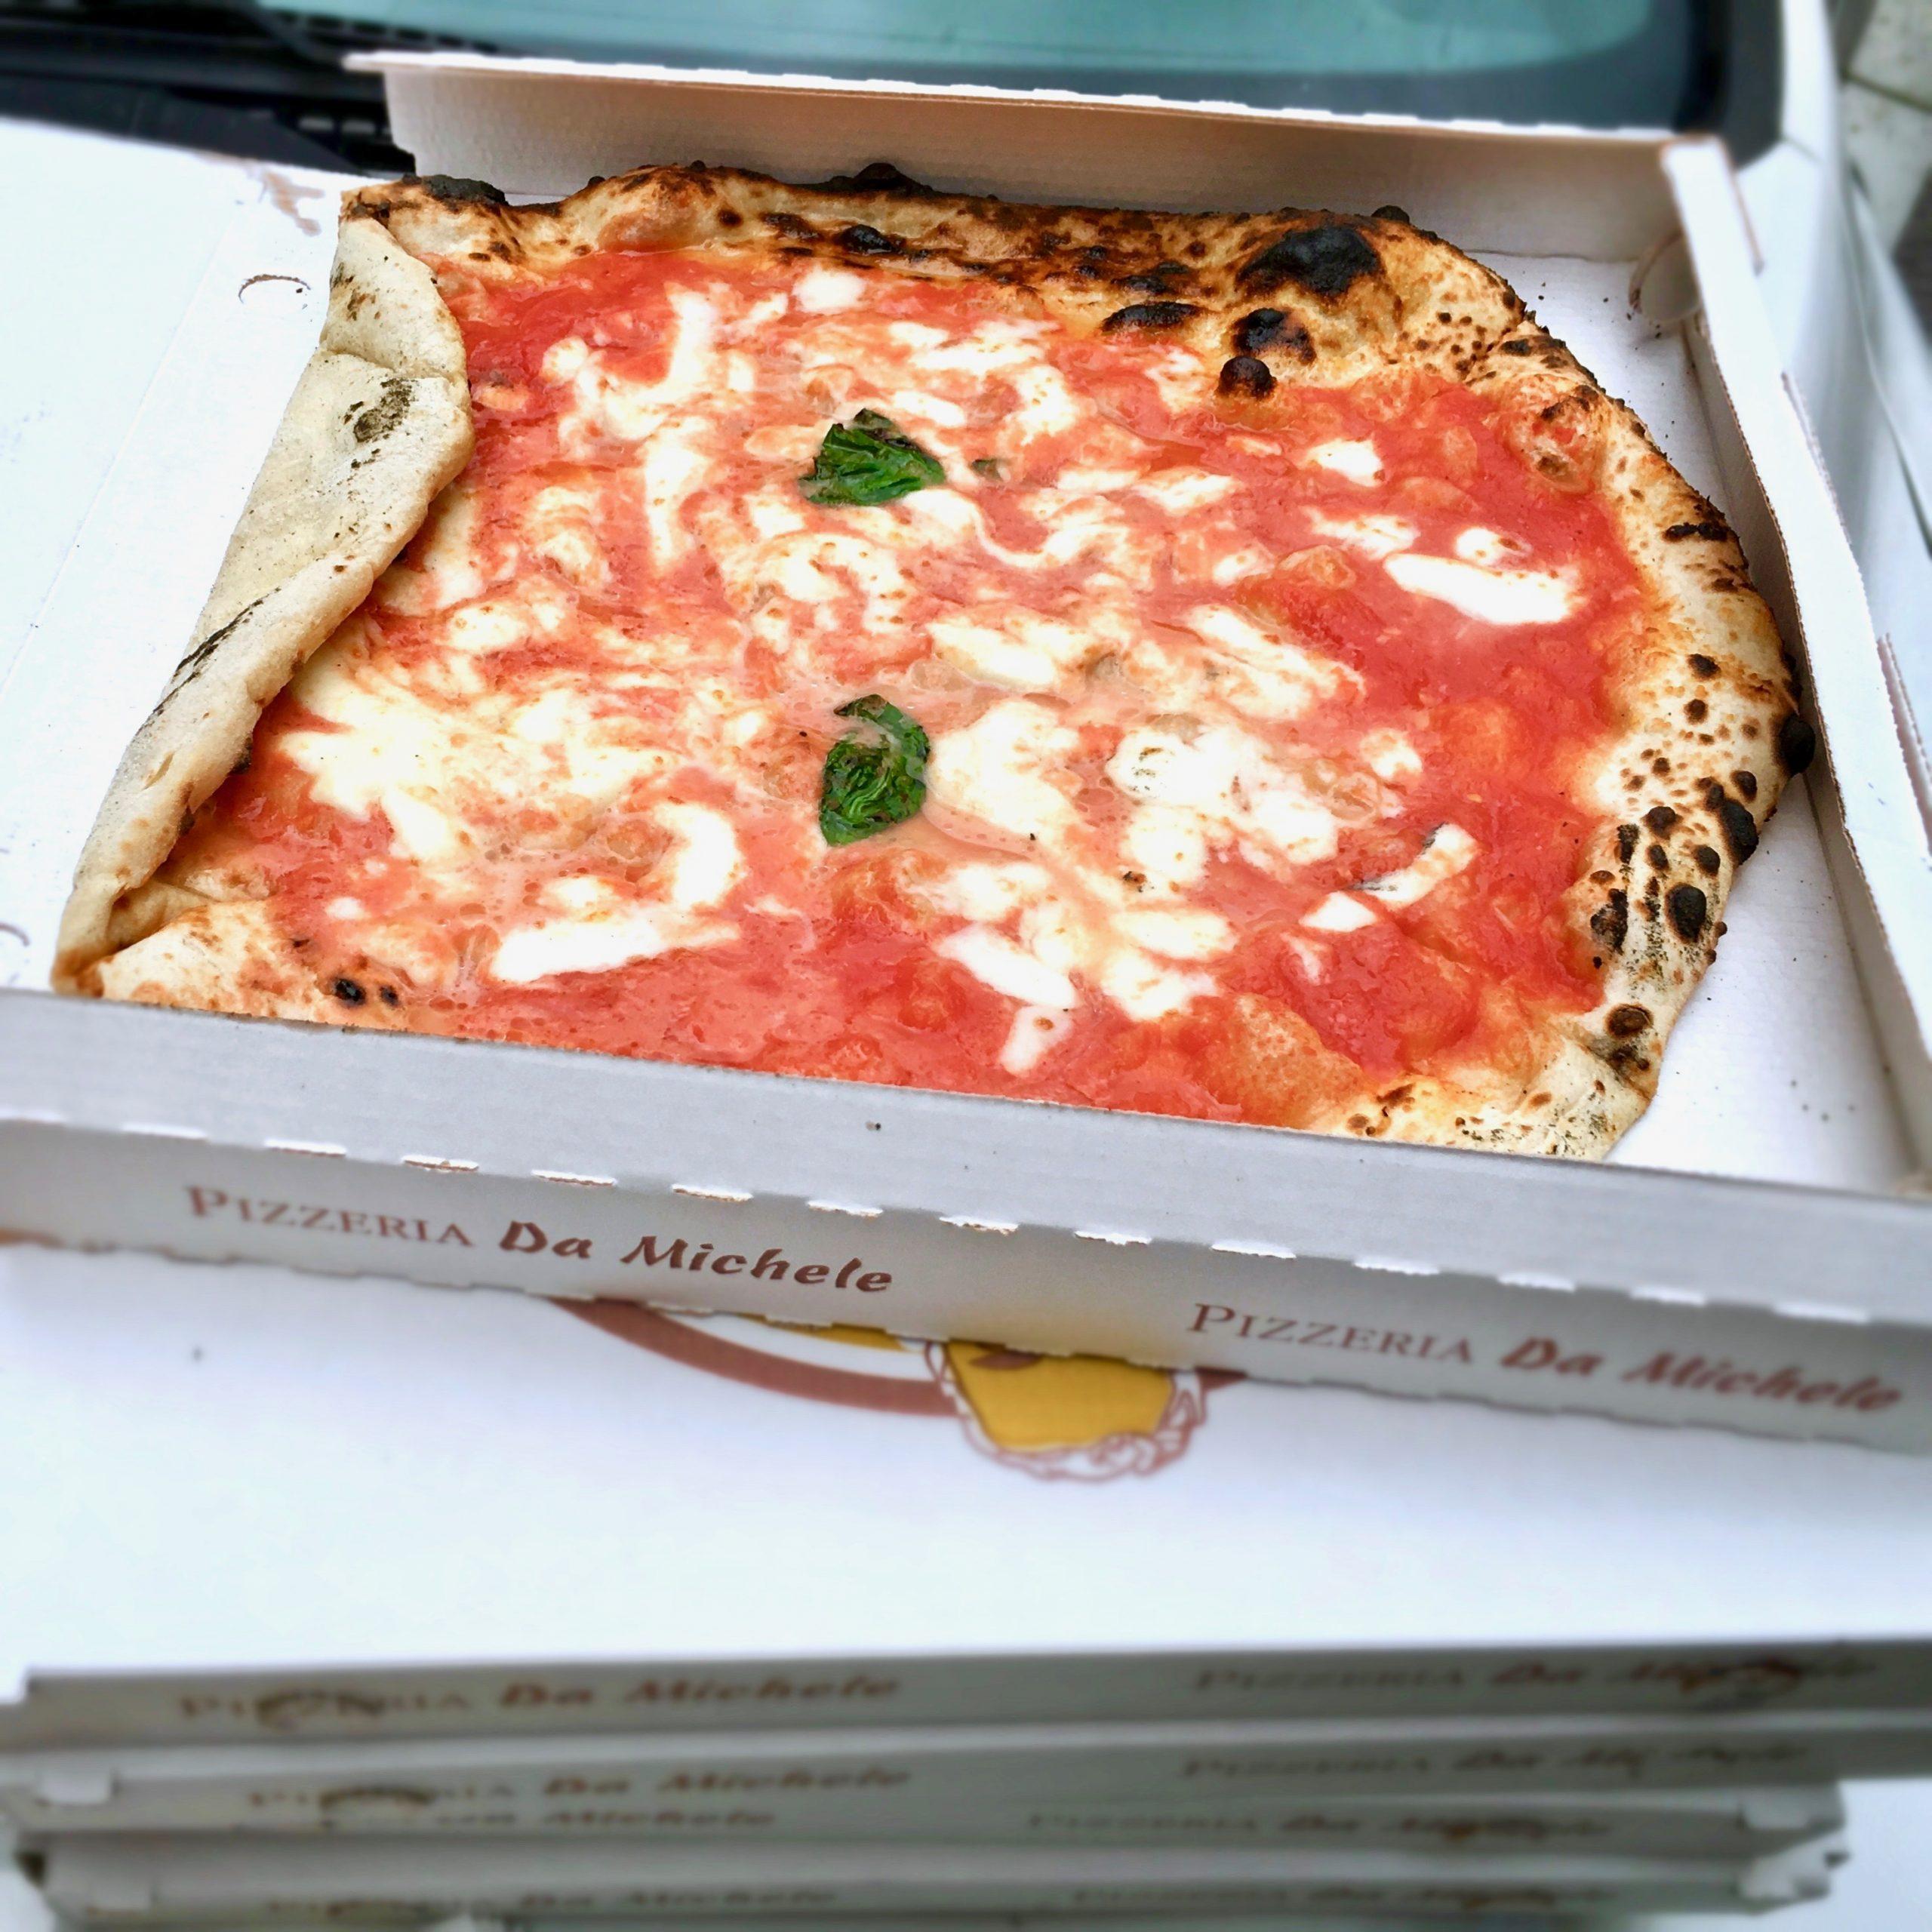 Pizzeria da Michele Delivery